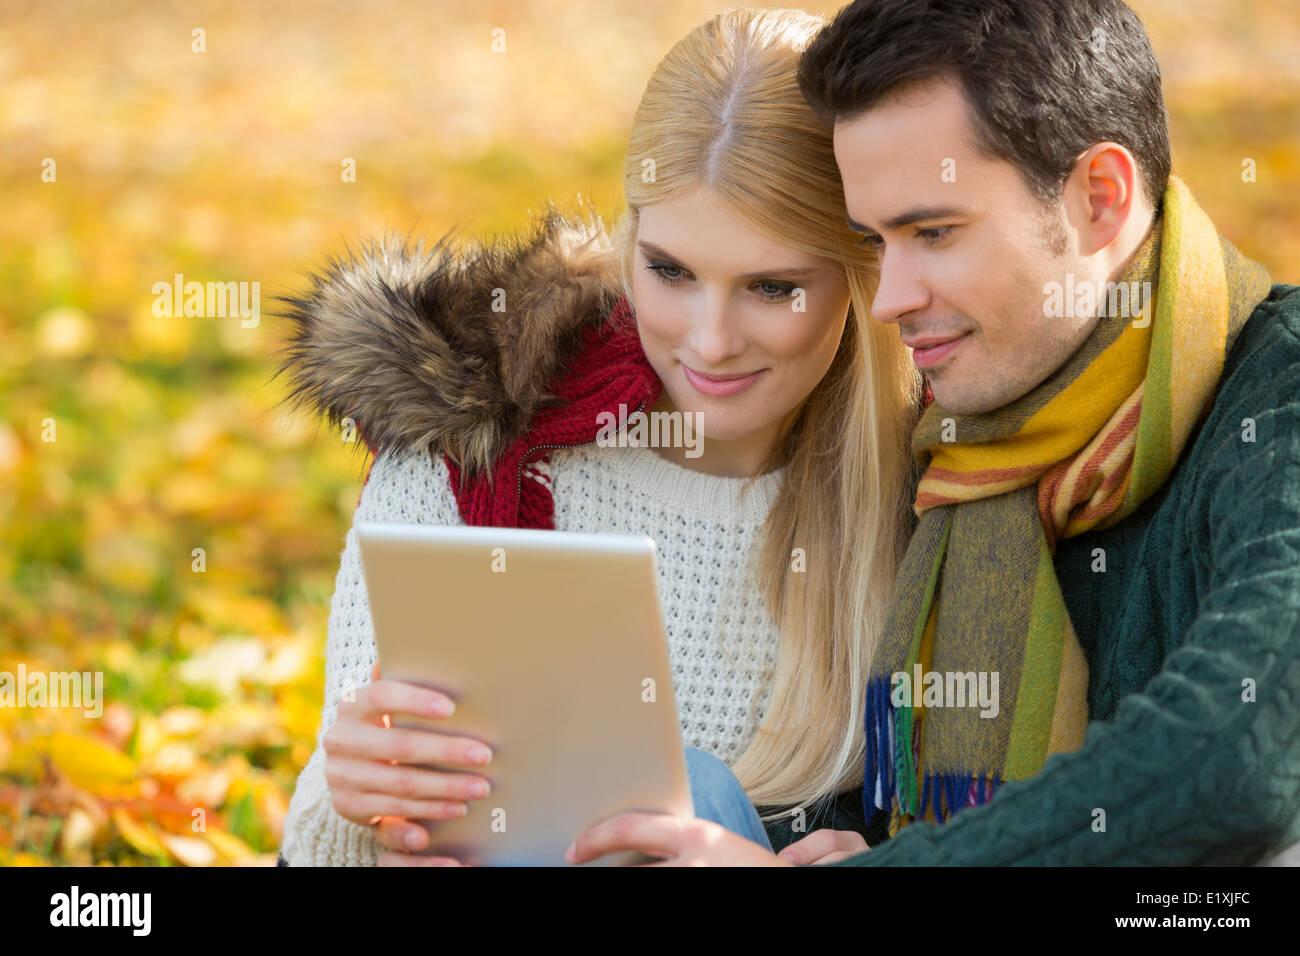 Paio utilizzando digitale compressa nel parco durante l'autunno Immagini Stock